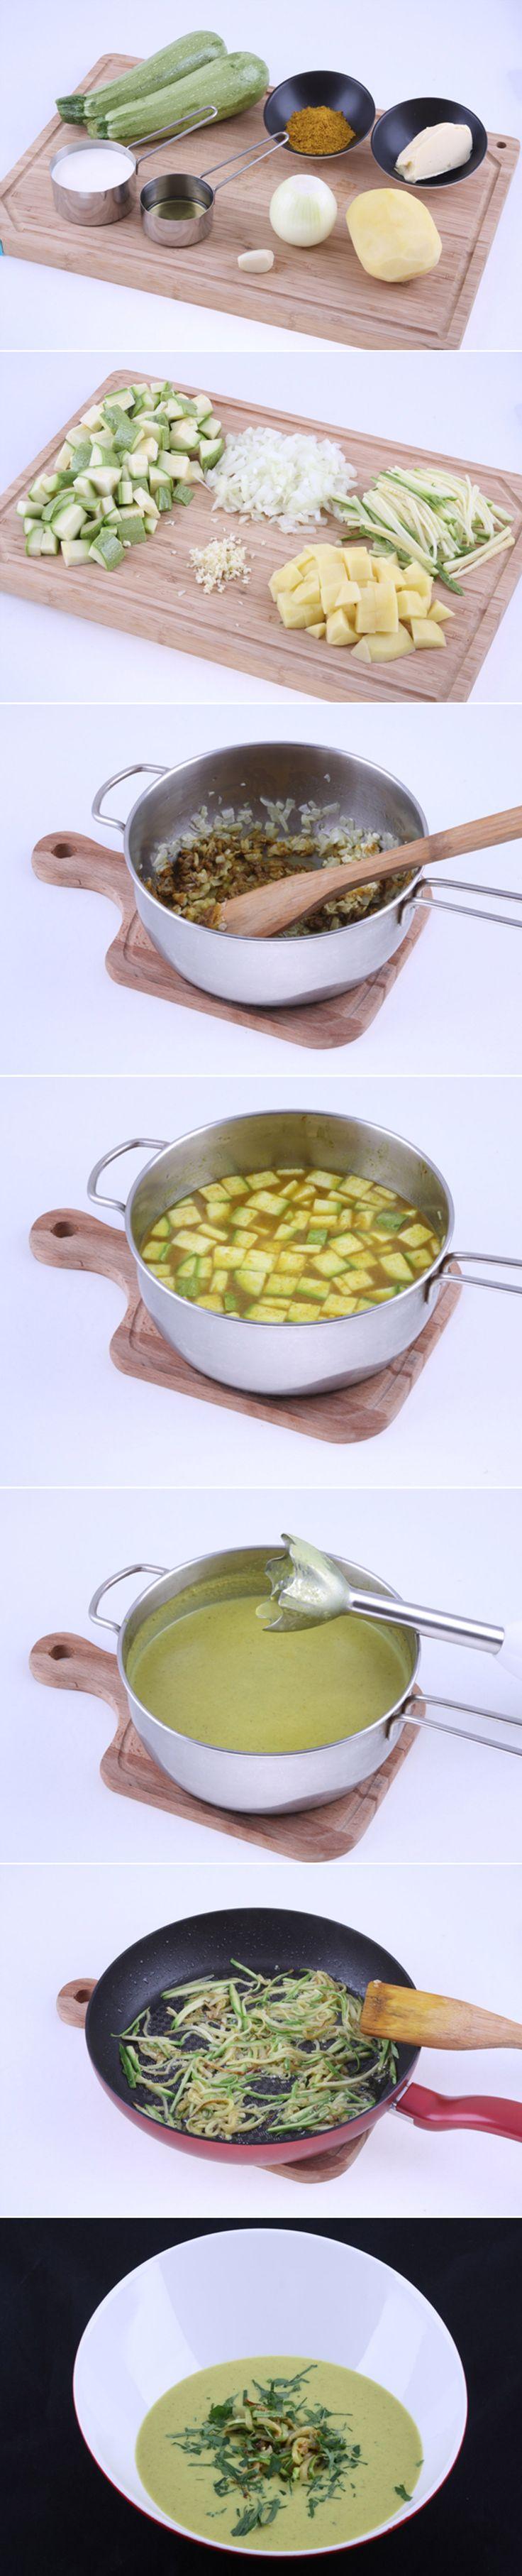 Суп-крем из кабачков с карри. Очень быстрый, легкий в приготовлении и низкокалорийный суп, который не потребует от вас особых кулинарных навыков. Его нежные вкус и консистенция обязательно понравятся гурманам, а карри придаст ему неповторимый аромат и изысканный вкус. Ингредиенты и способ приготовления блюда вы можете увидеть в...http://vk.com/dinnerday; http://instagram.com/dinnerday #суп #кулинария #крем #кабачки #карри #еда #рецепт #dinnerday #food #cook #recipe #soup #cream #curry…